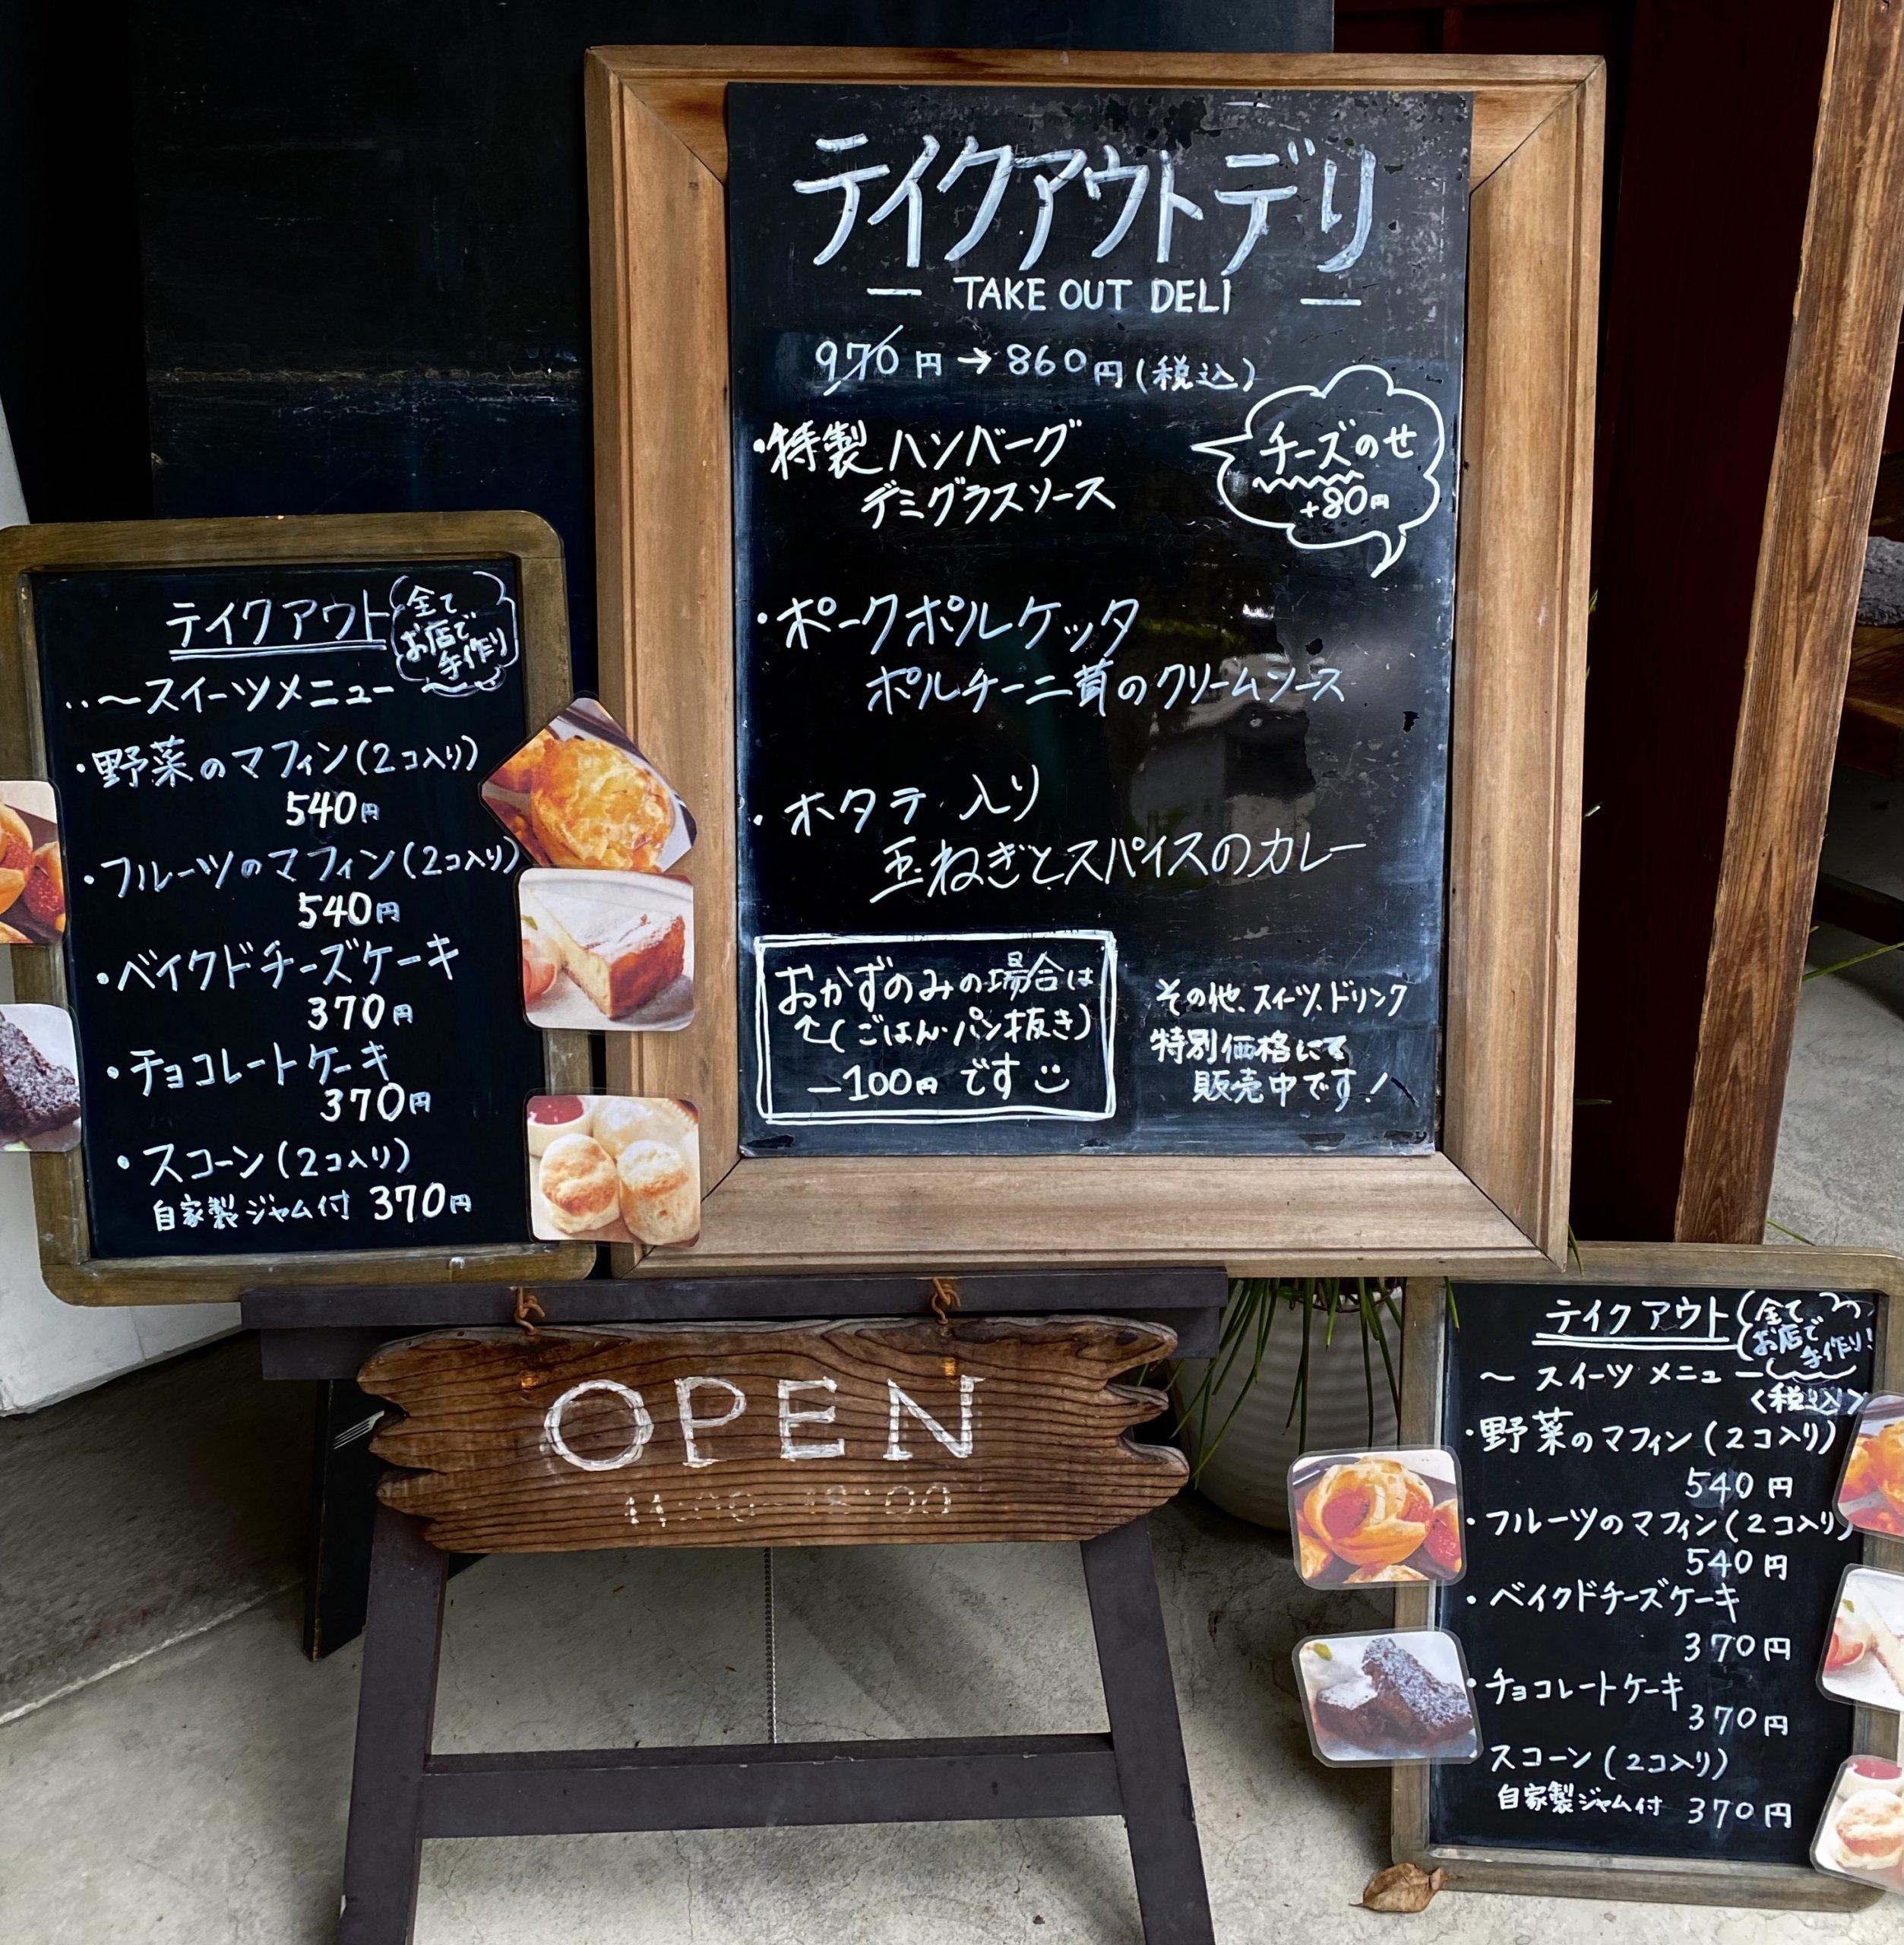 ローカルWEBメディア・地域サイト 草加ローカルストーリー 草加カフェ 草加レストラン  蔵カフェ 中屋 立て看板